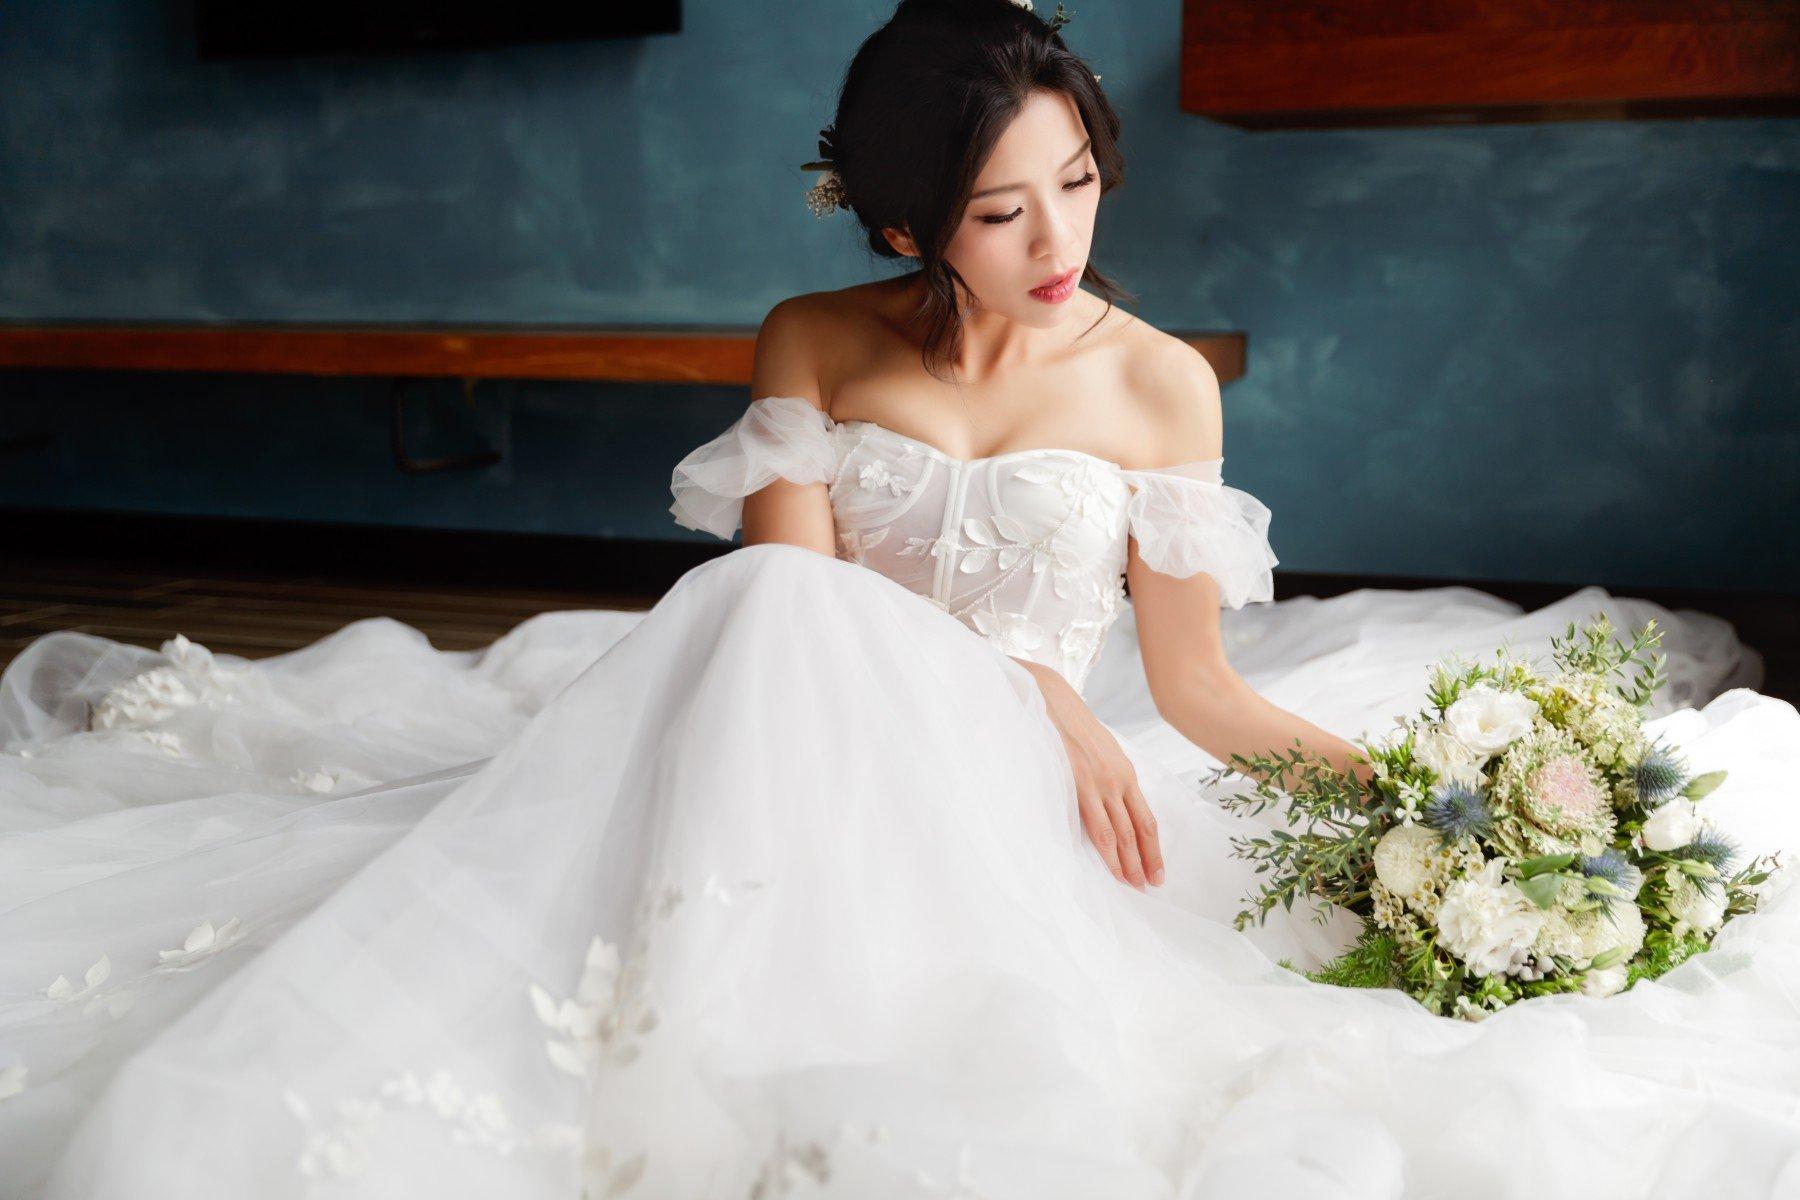 墾丁自助婚紗,高雄婚紗工作室,高雄自助婚紗,墾丁婚紗照